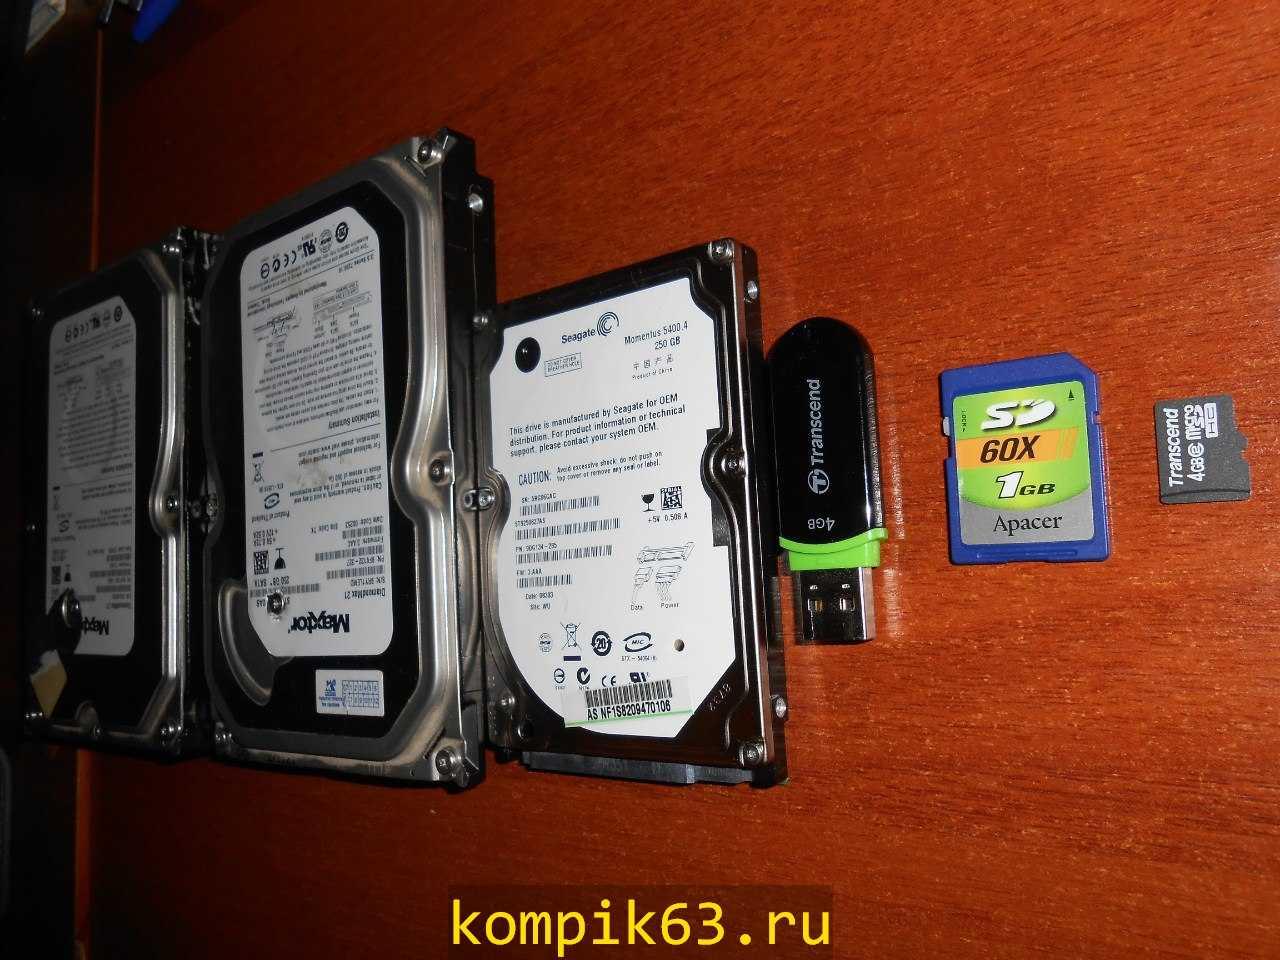 kompik63.ru-125